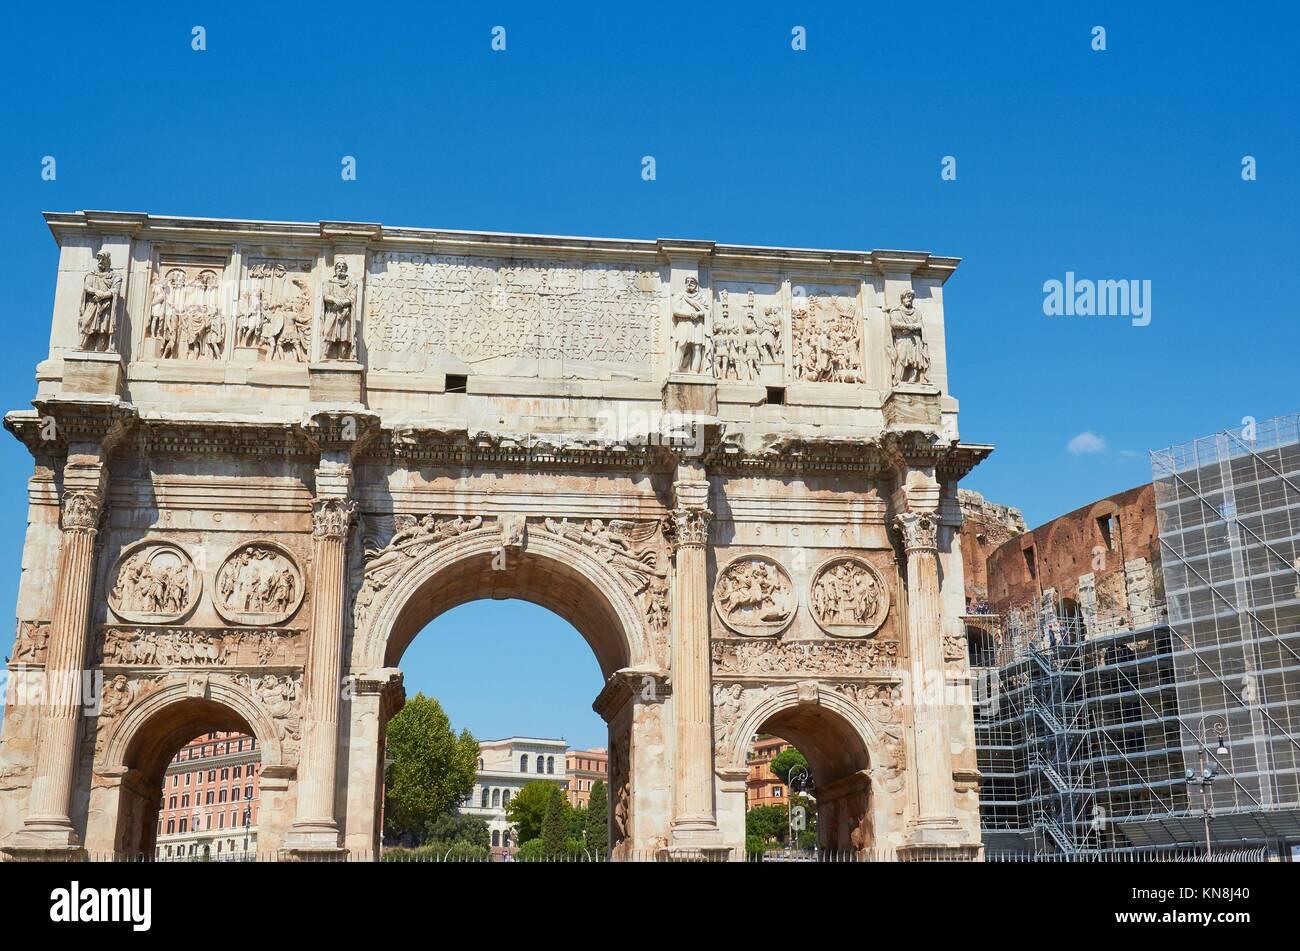 Arch of Constantine (Arco Di Costantino) and the Colosseum, Rome, Lazio, Italy, Europe. - Stock Image